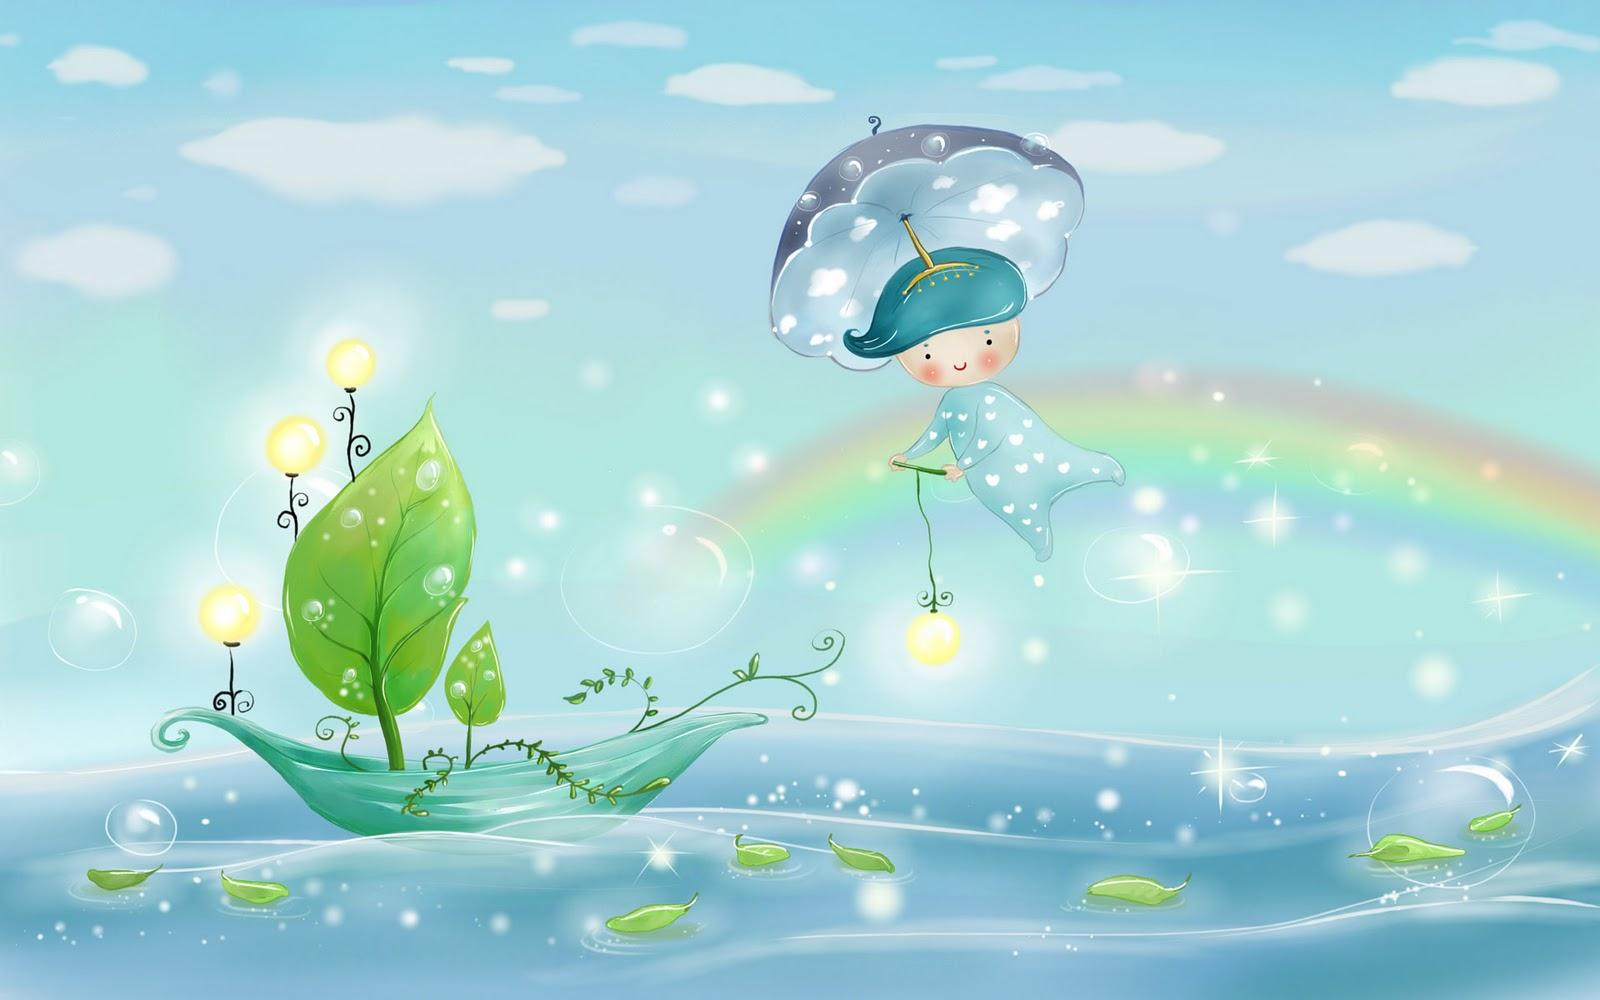 http://3.bp.blogspot.com/_g31KVvREHW4/TPh1tYRY6UI/AAAAAAAABGA/dvQ4Tmxbxx0/s1600/Cartoon%2Bwallpapers%2B%25252811%252529.jpg